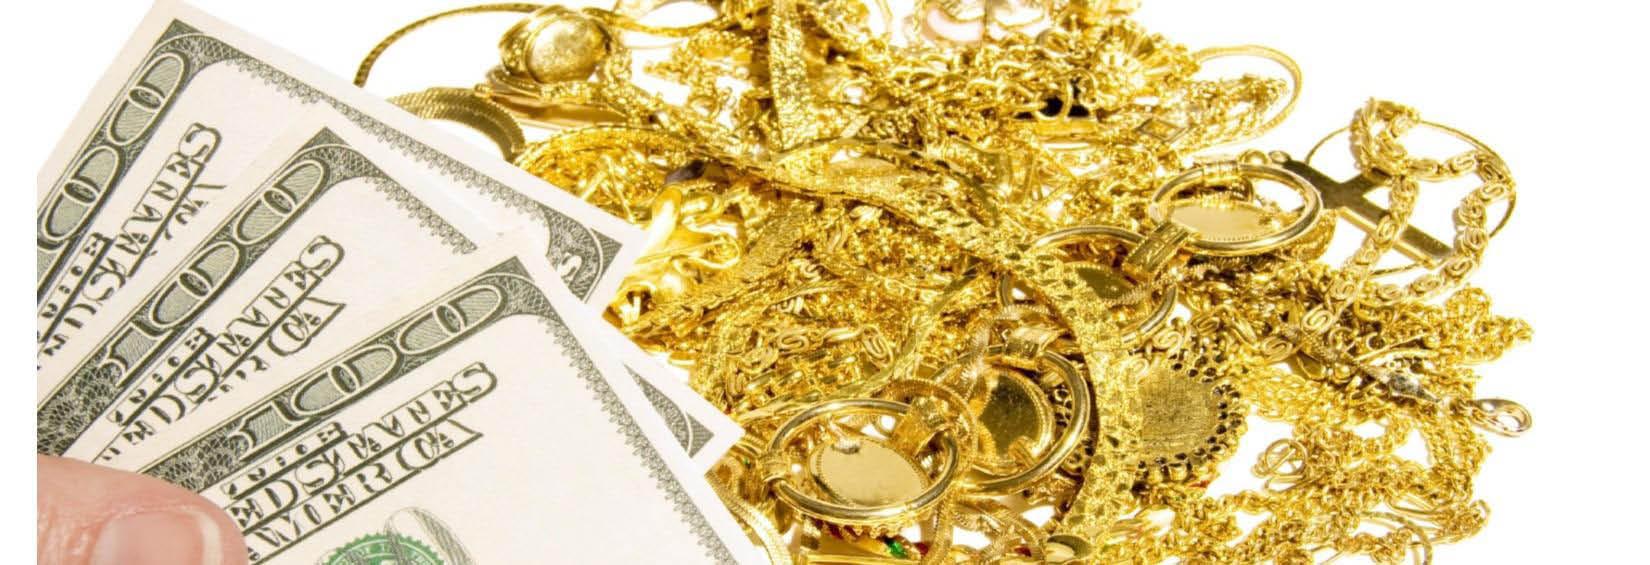 longhorn-gold-silver-exchange-mckinney-tx-banner